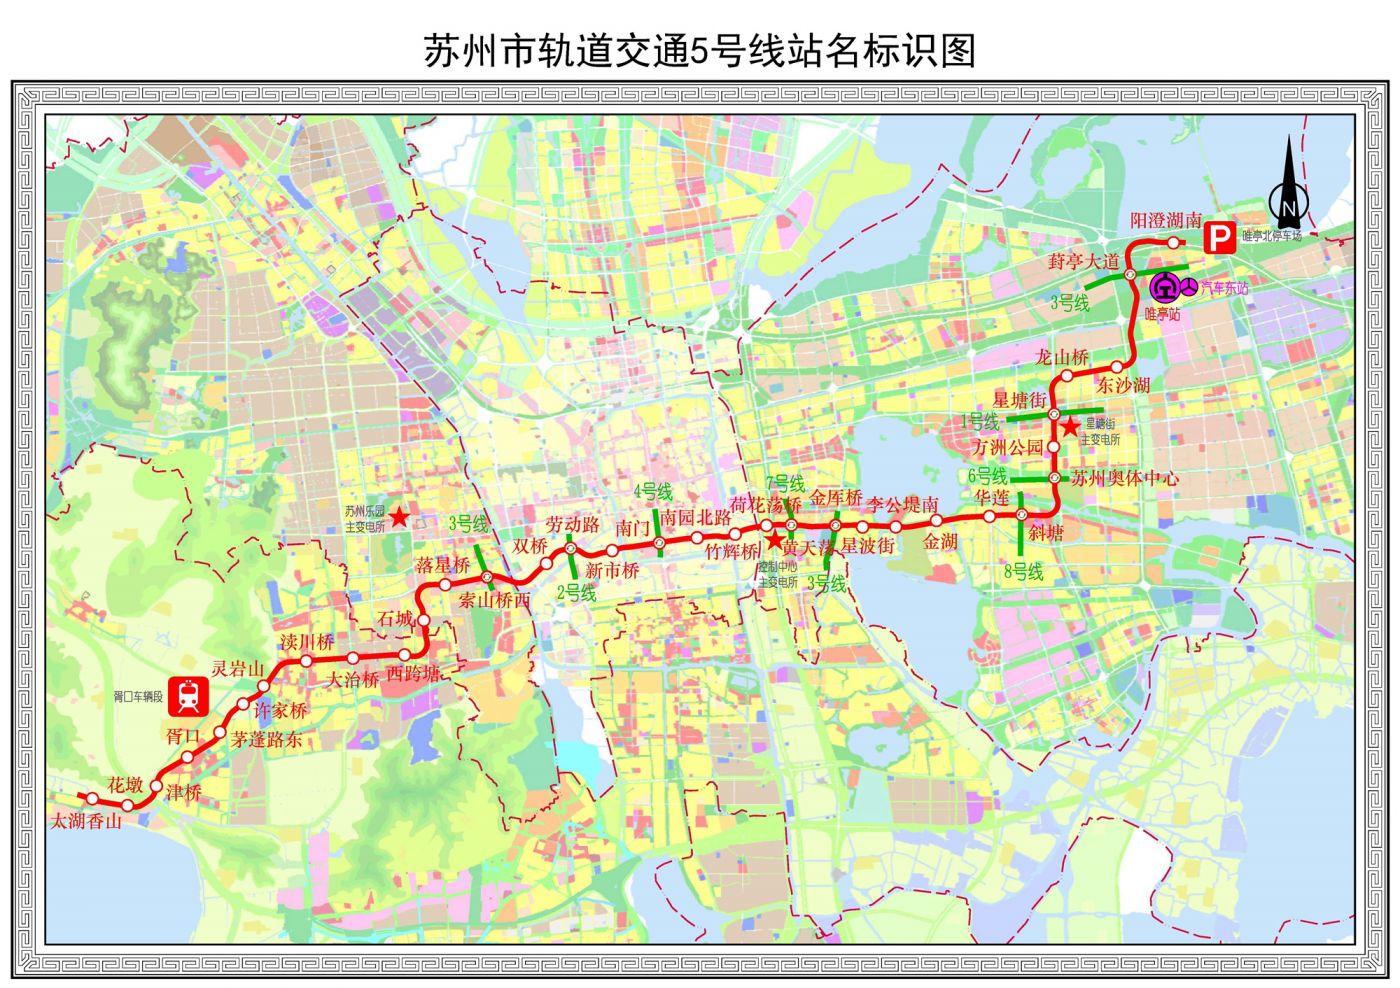 苏州地铁5号线站点分布、线路图规划详情